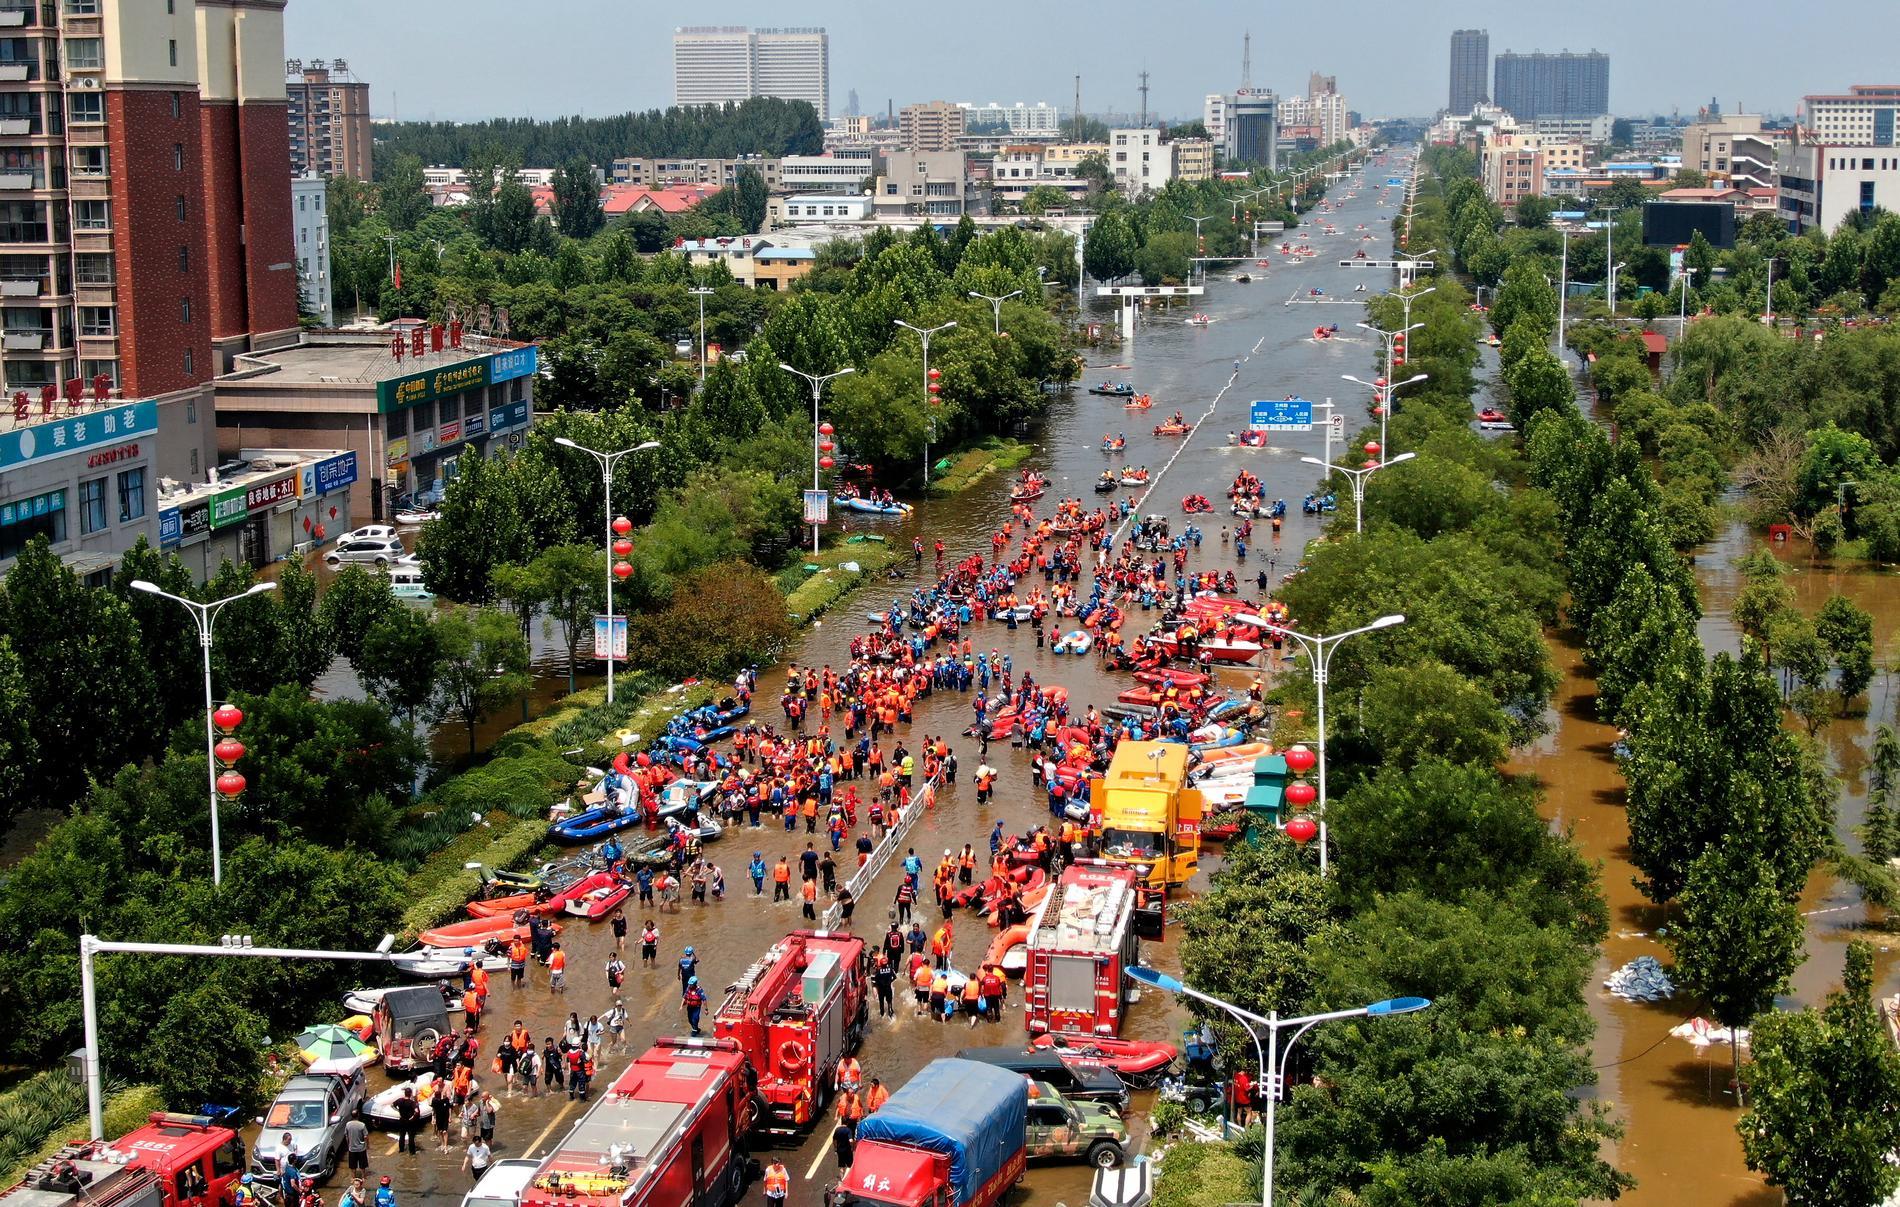 Evakuering i måndags, i Weihui i den kinesiska provinsen Henan.